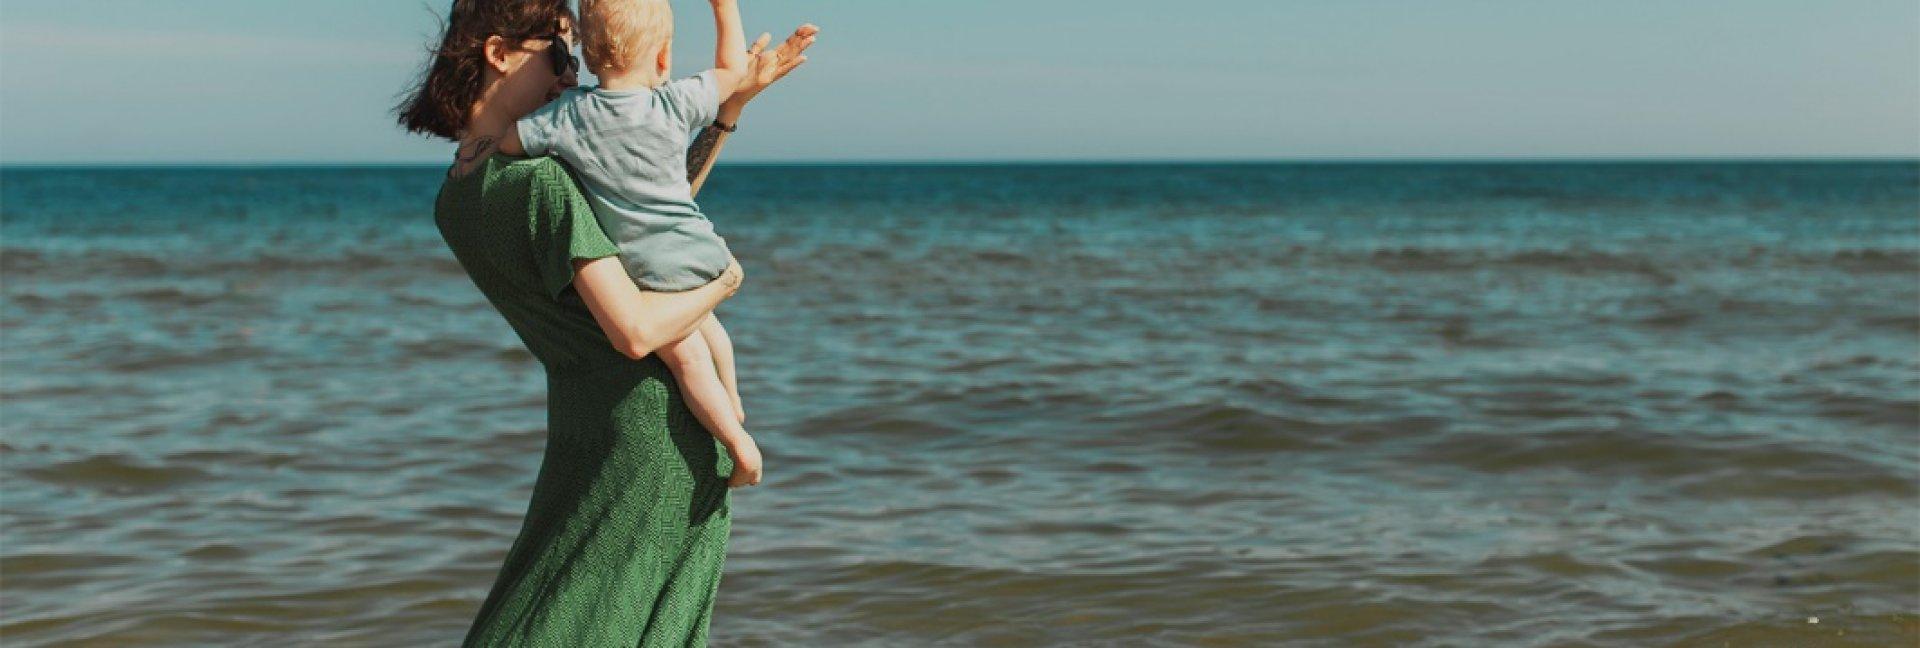 Wakacje z dzieckiem nad morzem - jak nie zwariować?